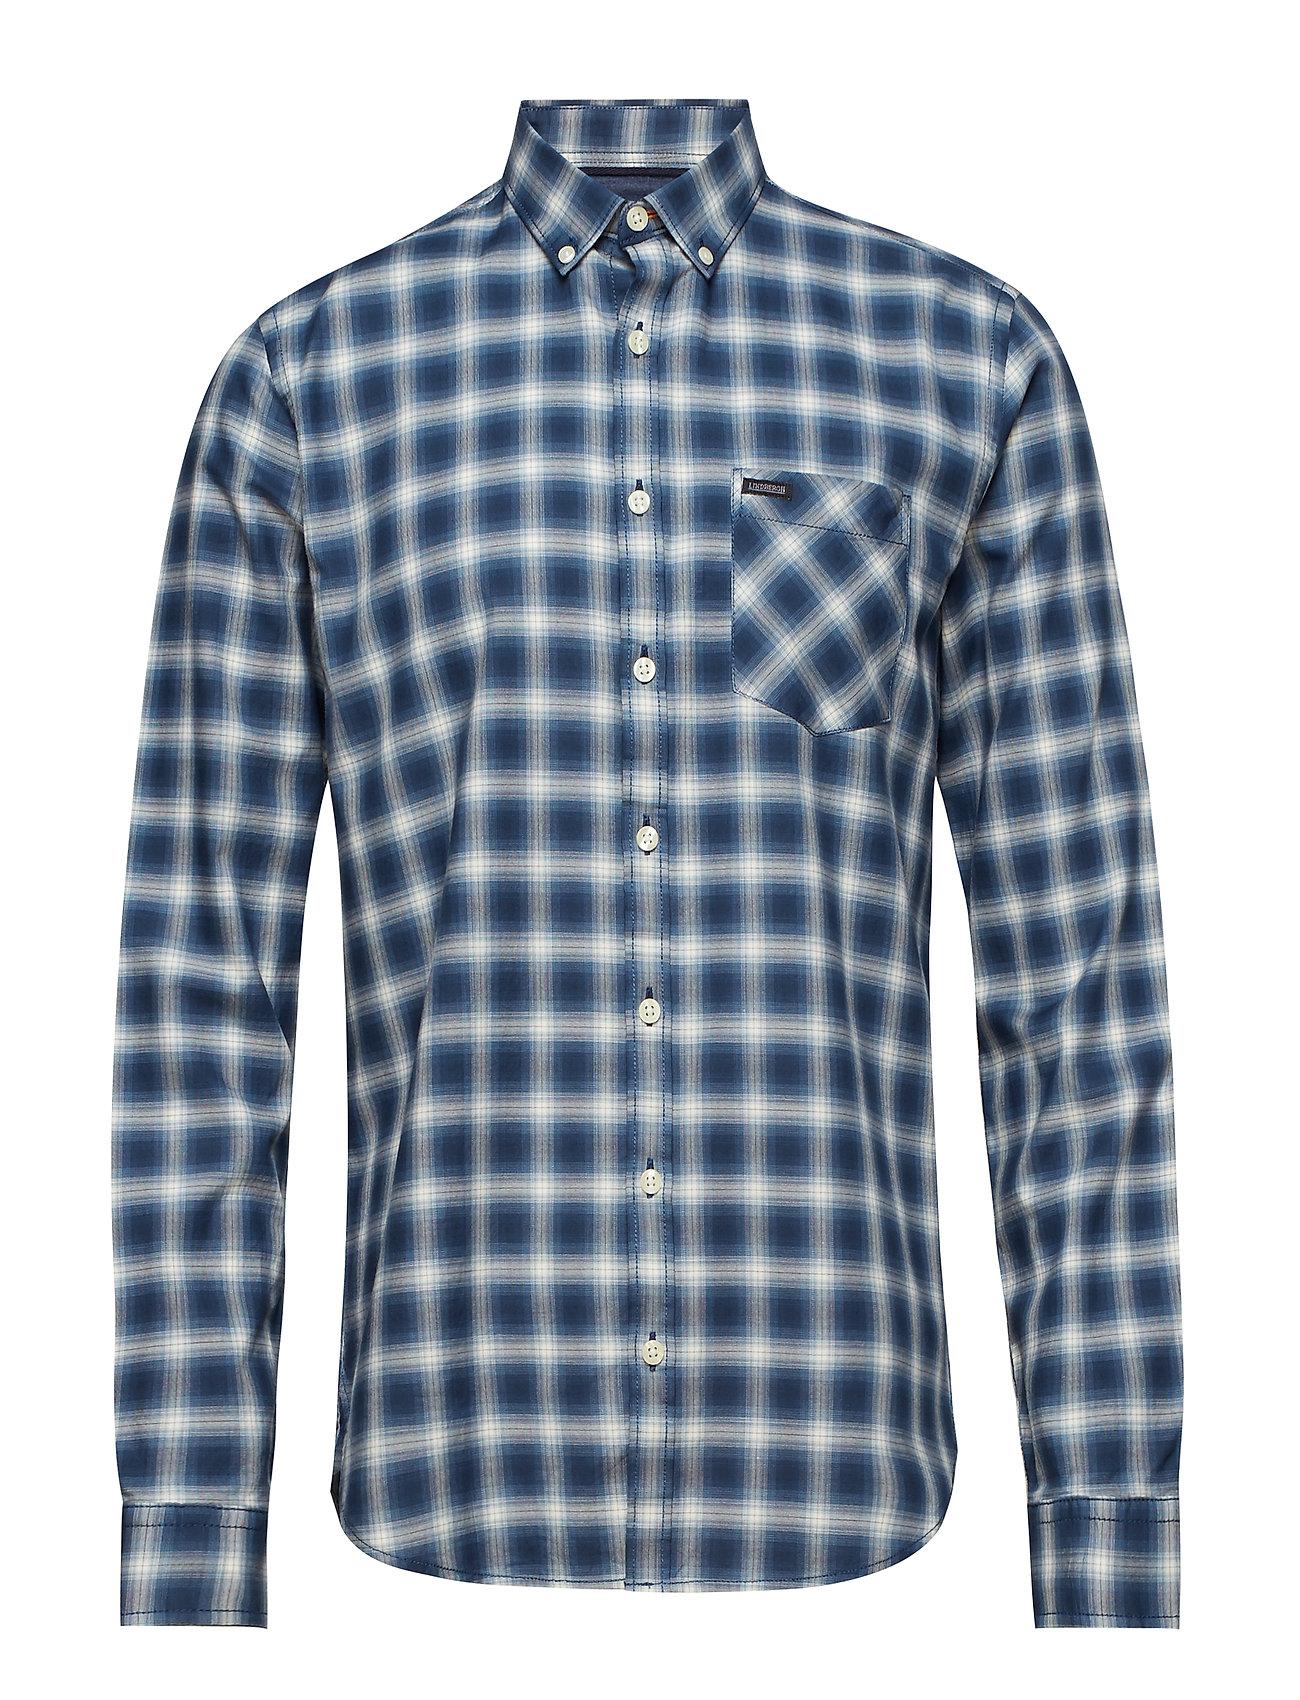 Lindbergh Check shirt L/S - BLUE